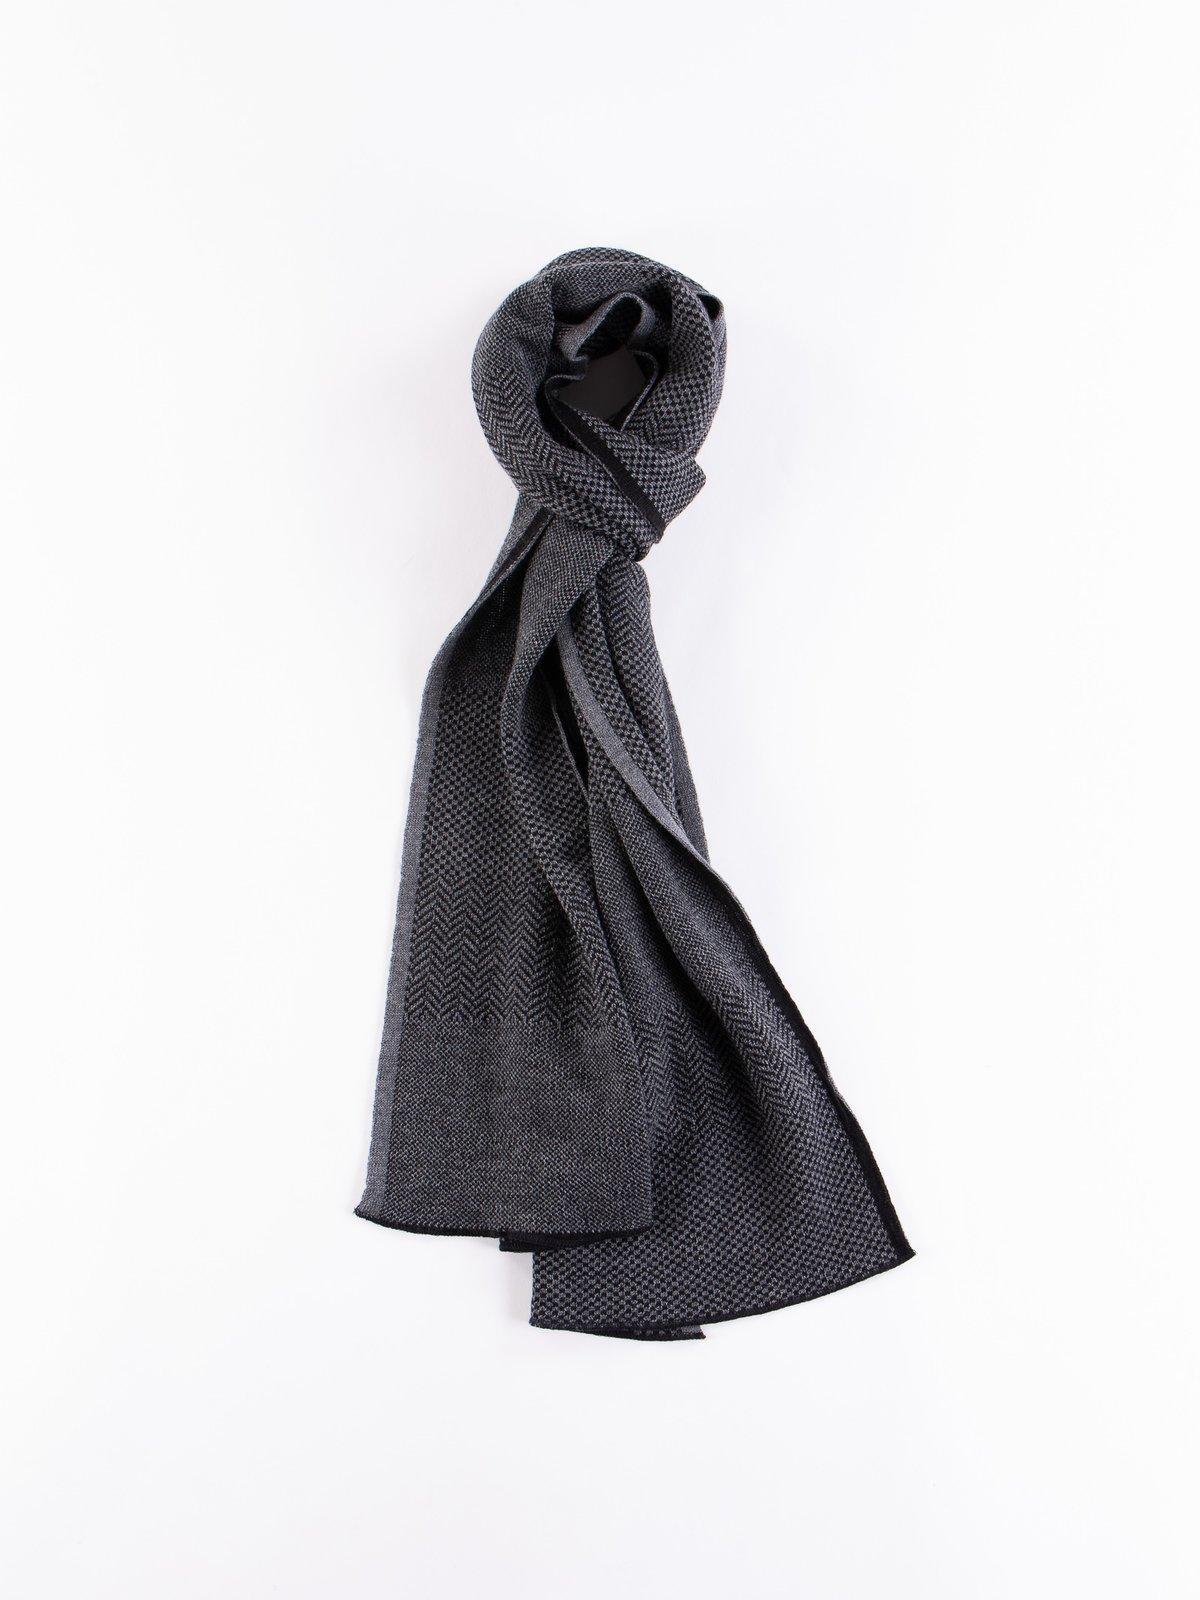 Charcoal Wool Herringbone Knit Scarf - Image 1